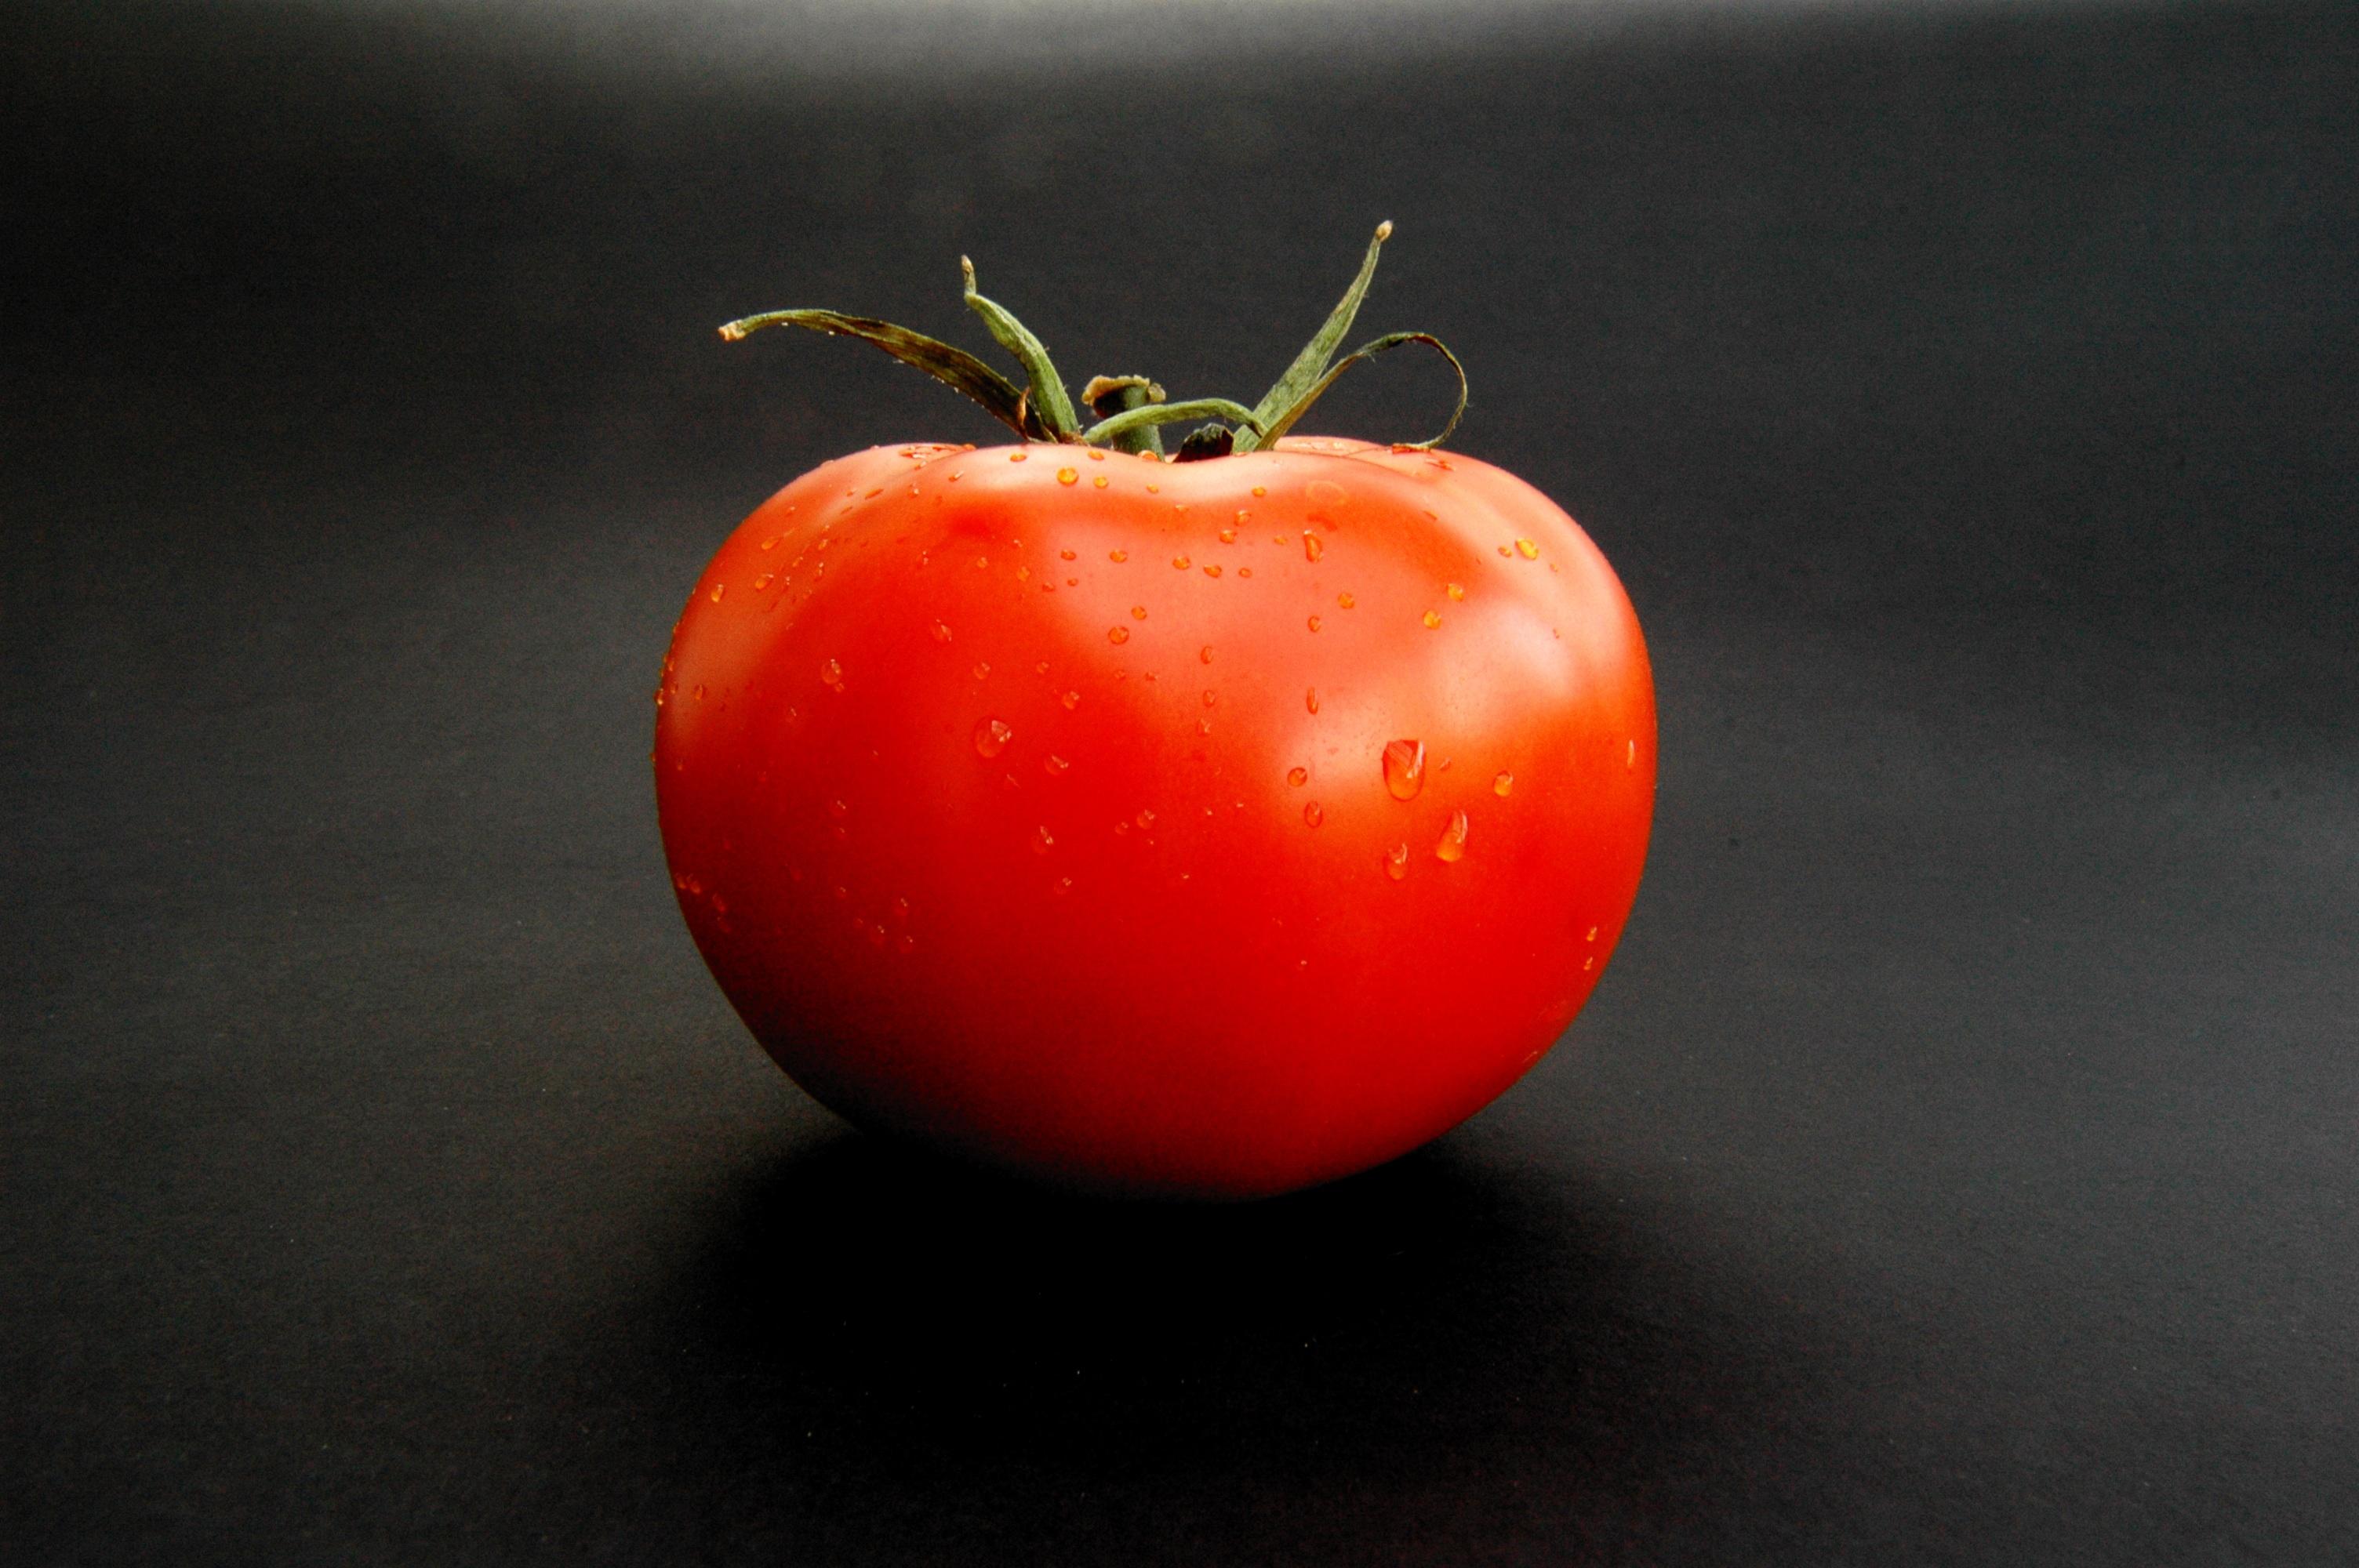 Помидор, фото, обои для рабочего стола, томат